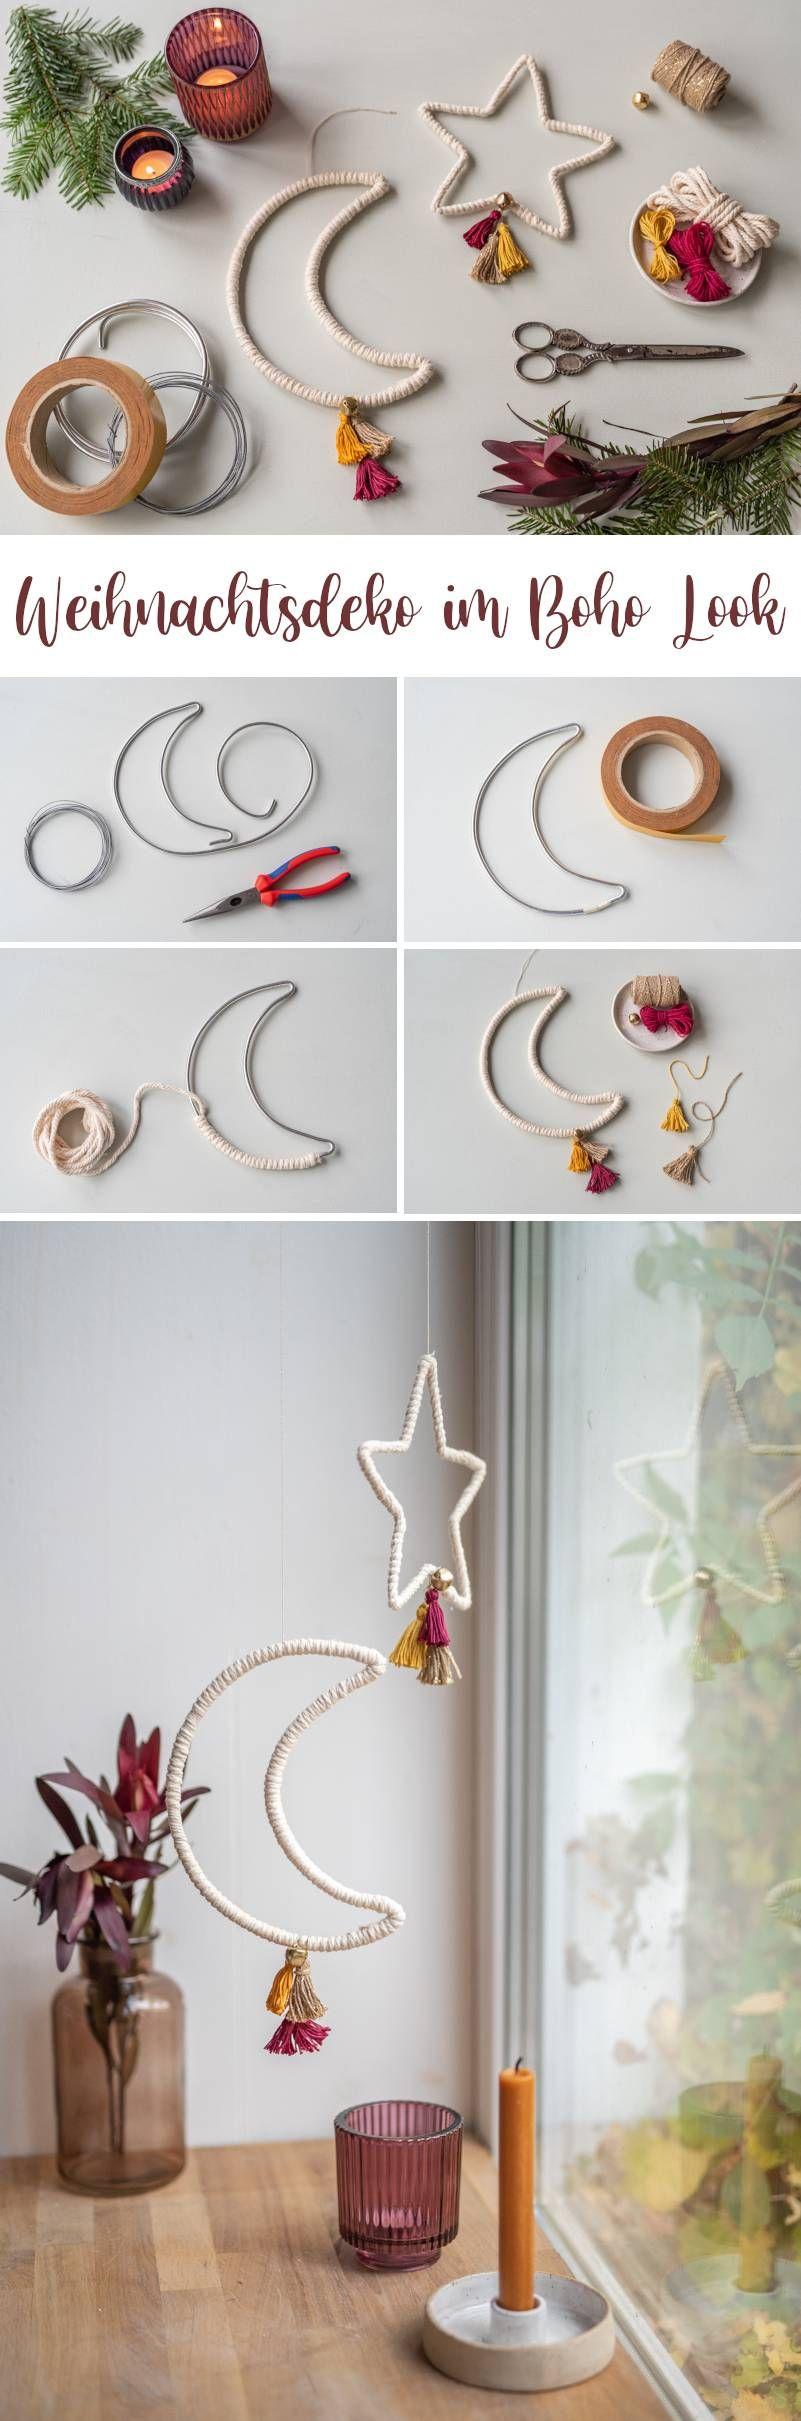 DIY Boho Weihnachtsdeko: Mond und Sterne mit Quasten zum Aufhängen - Leelah Loves